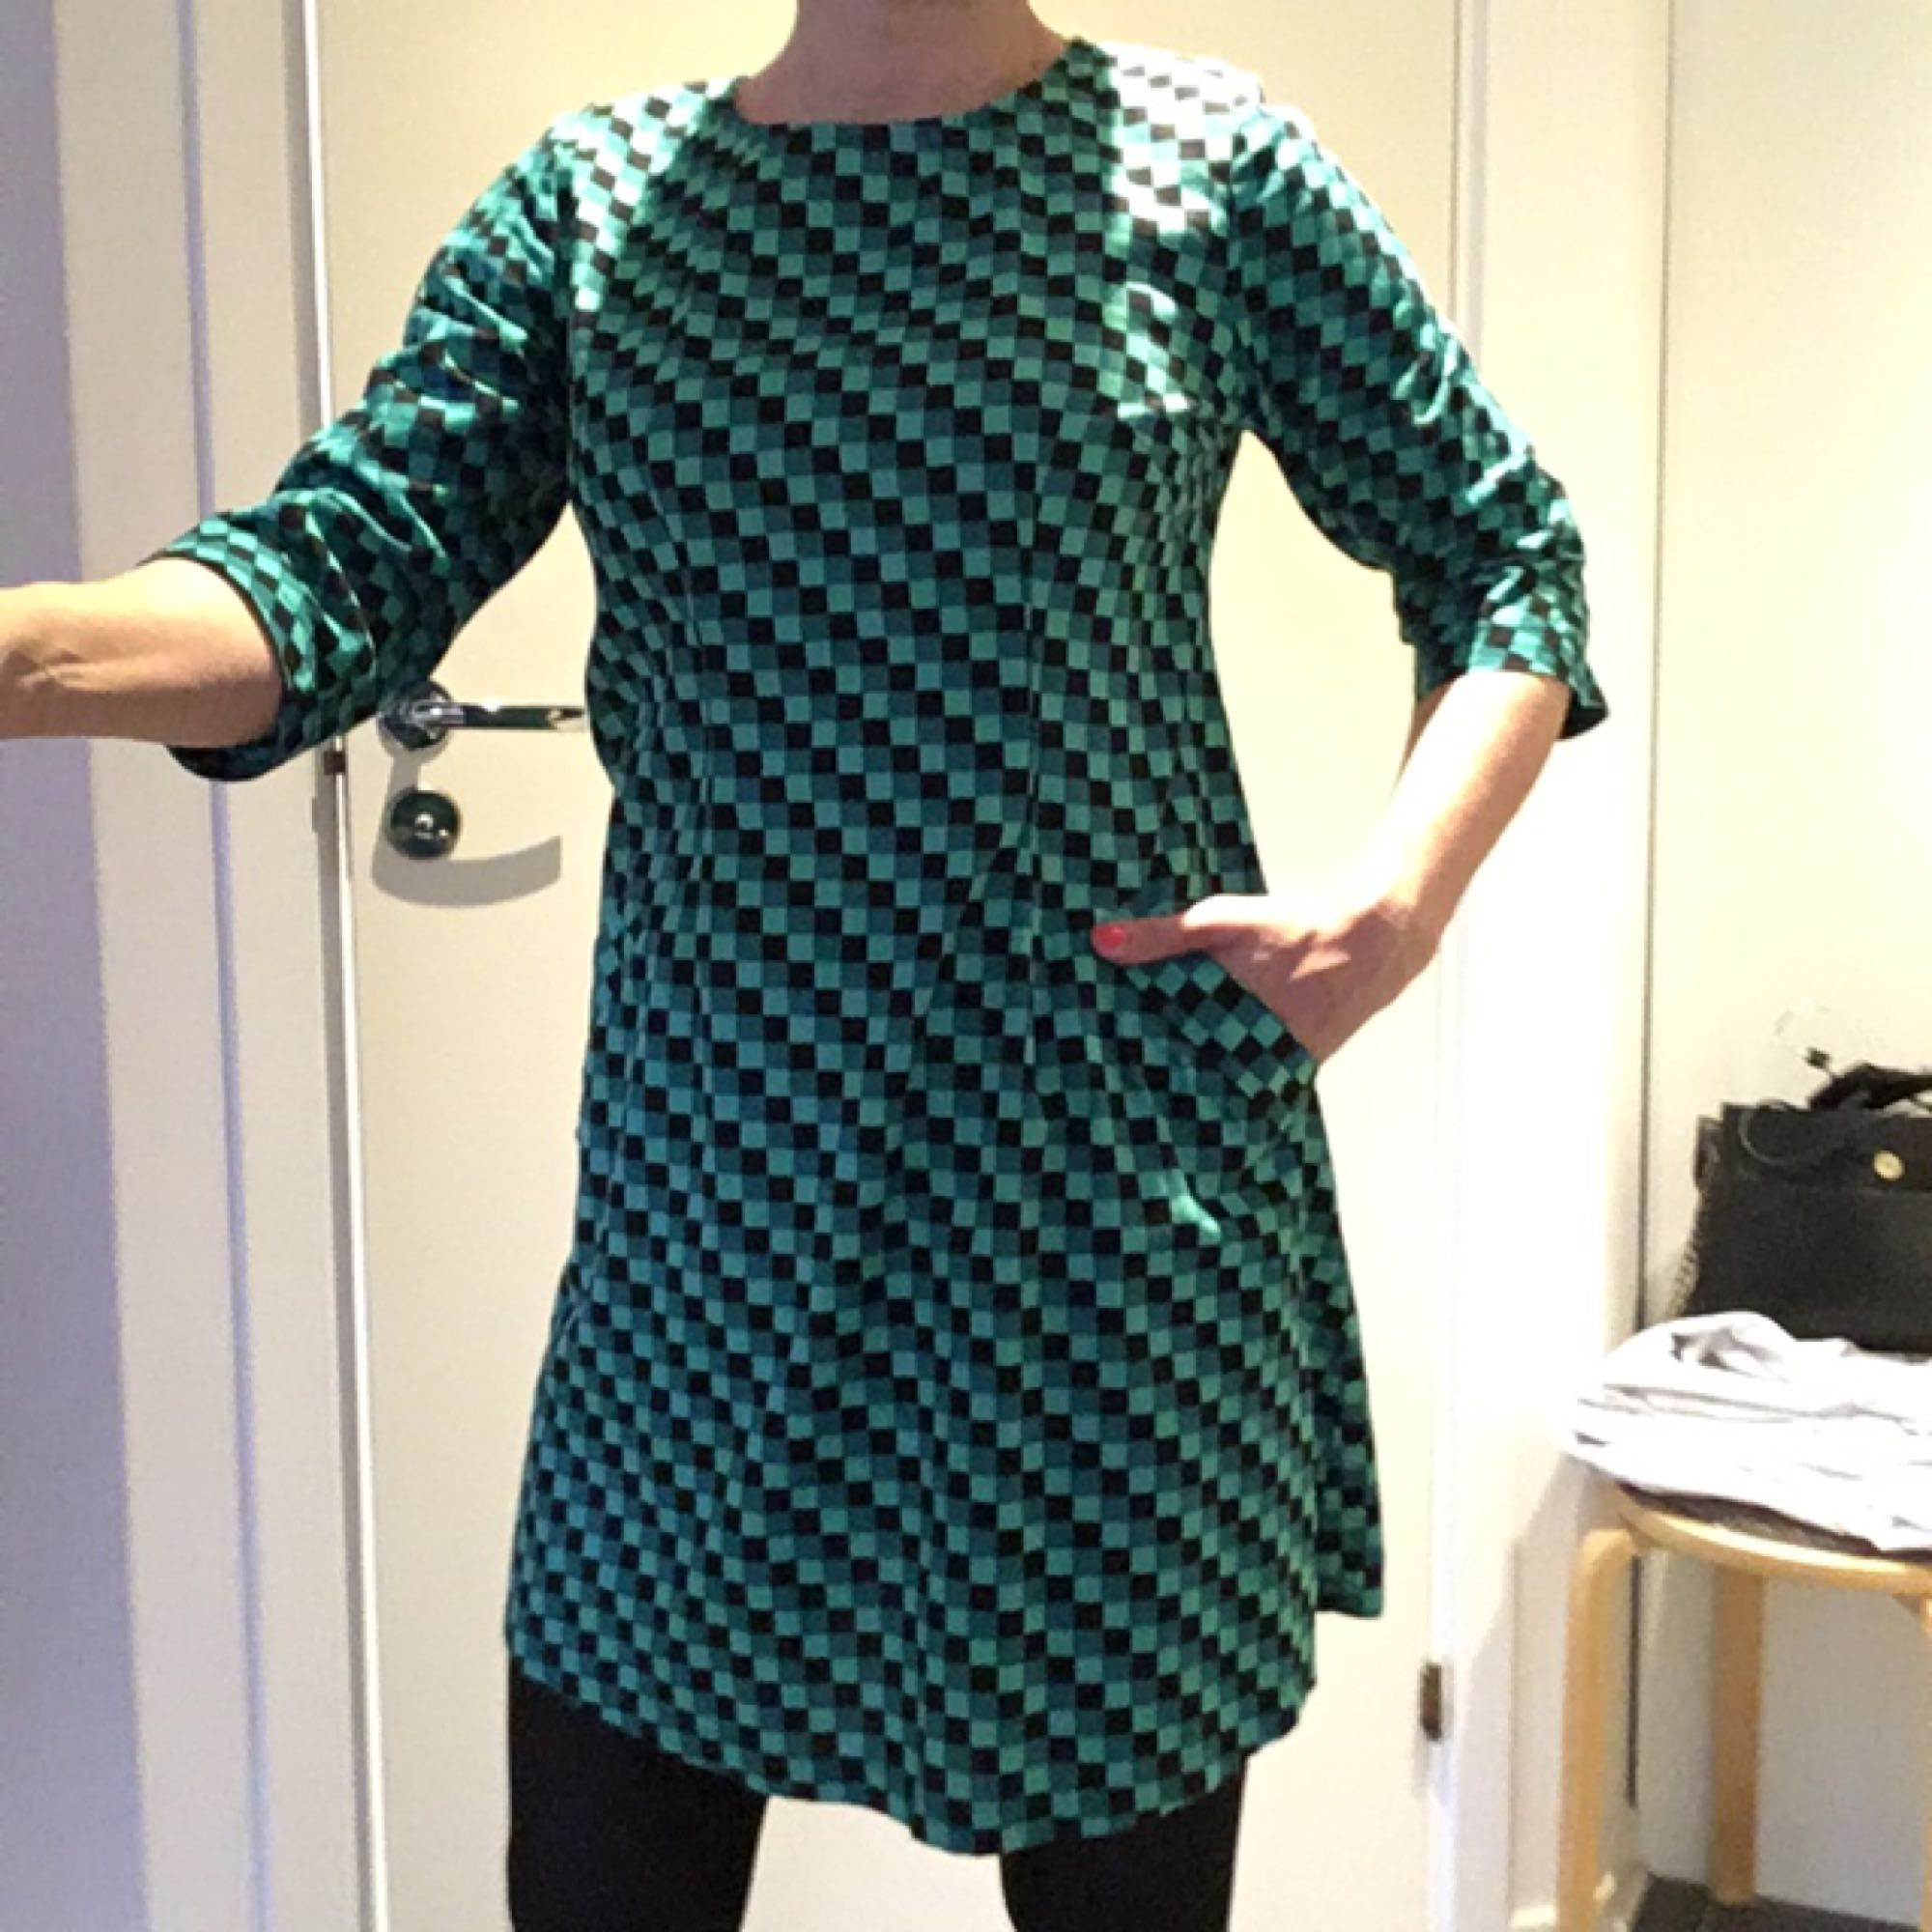 ddfd19662cf0 Jättesöt Nanajit-klänning från Cissi&Selma, endast använd ett fåtal gånger.